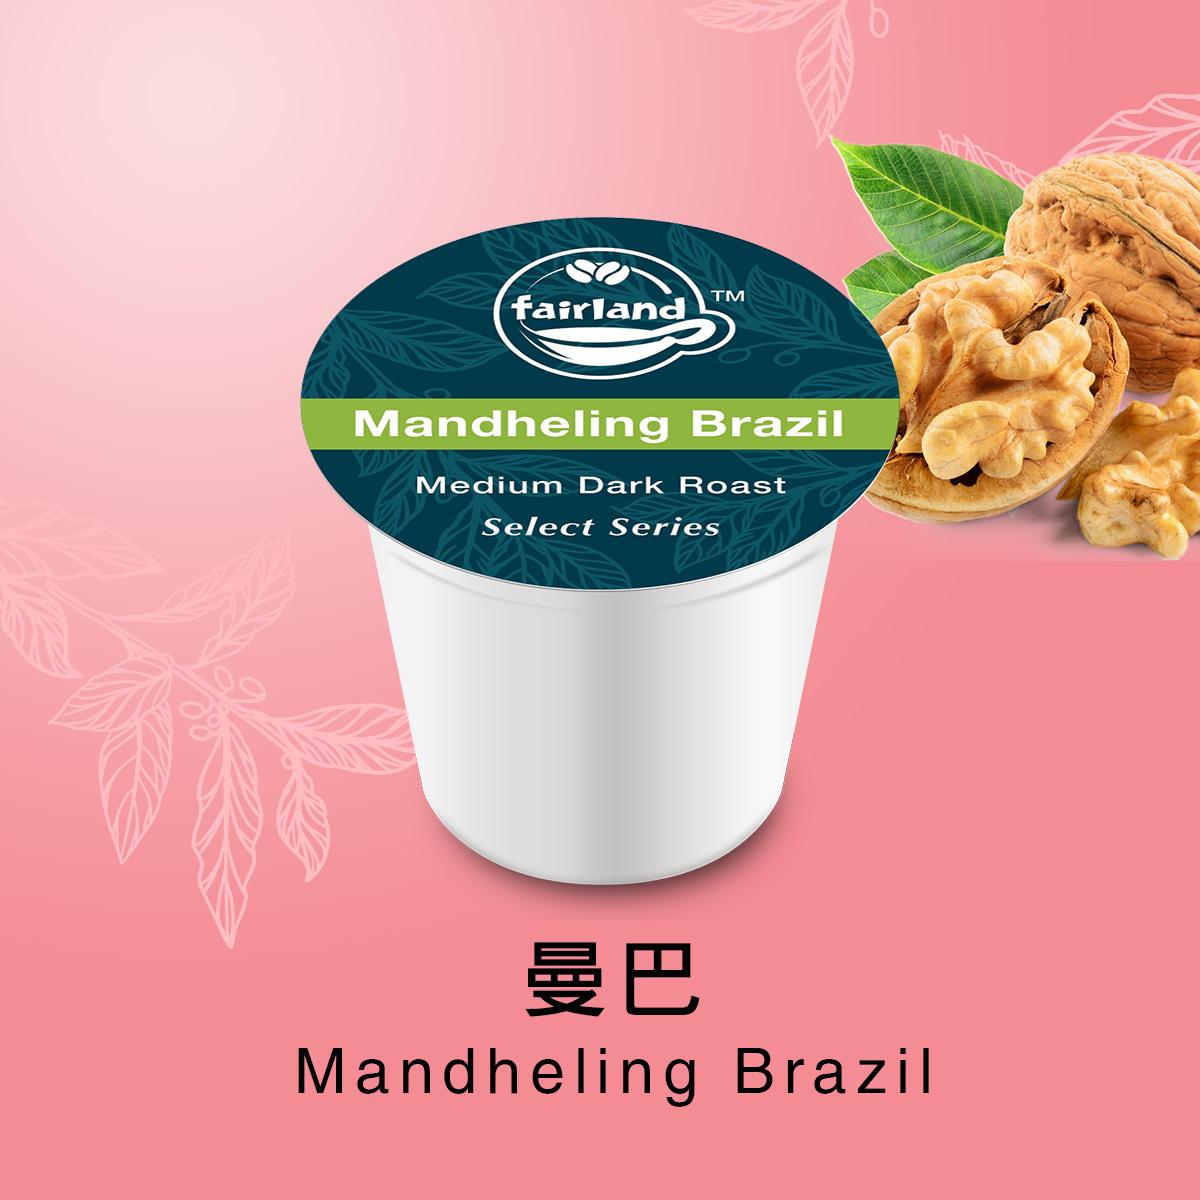 斐然莊園-曼巴mandheling brazil.jpg